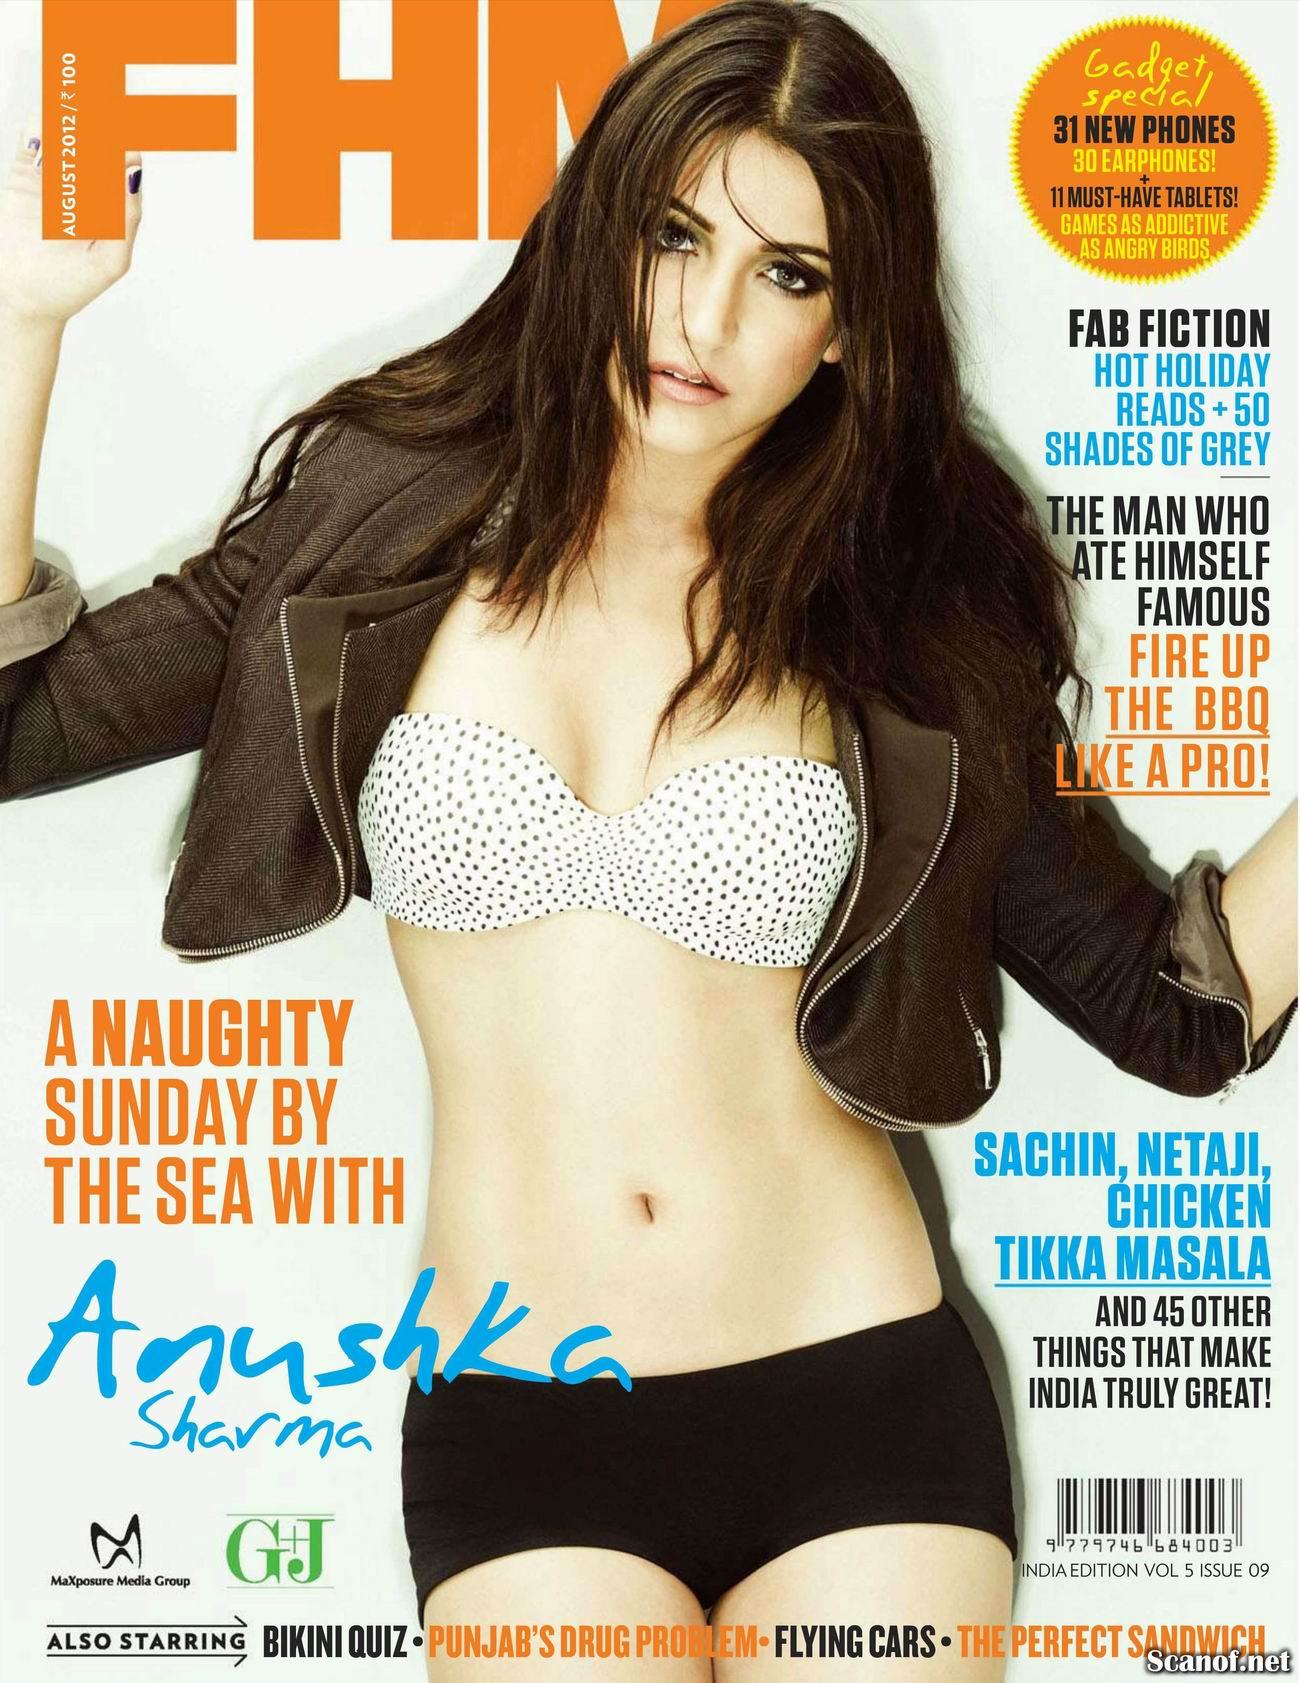 Анушка Шарма (Anushka Sharma) фото в журнале FHM Индия, август 2012